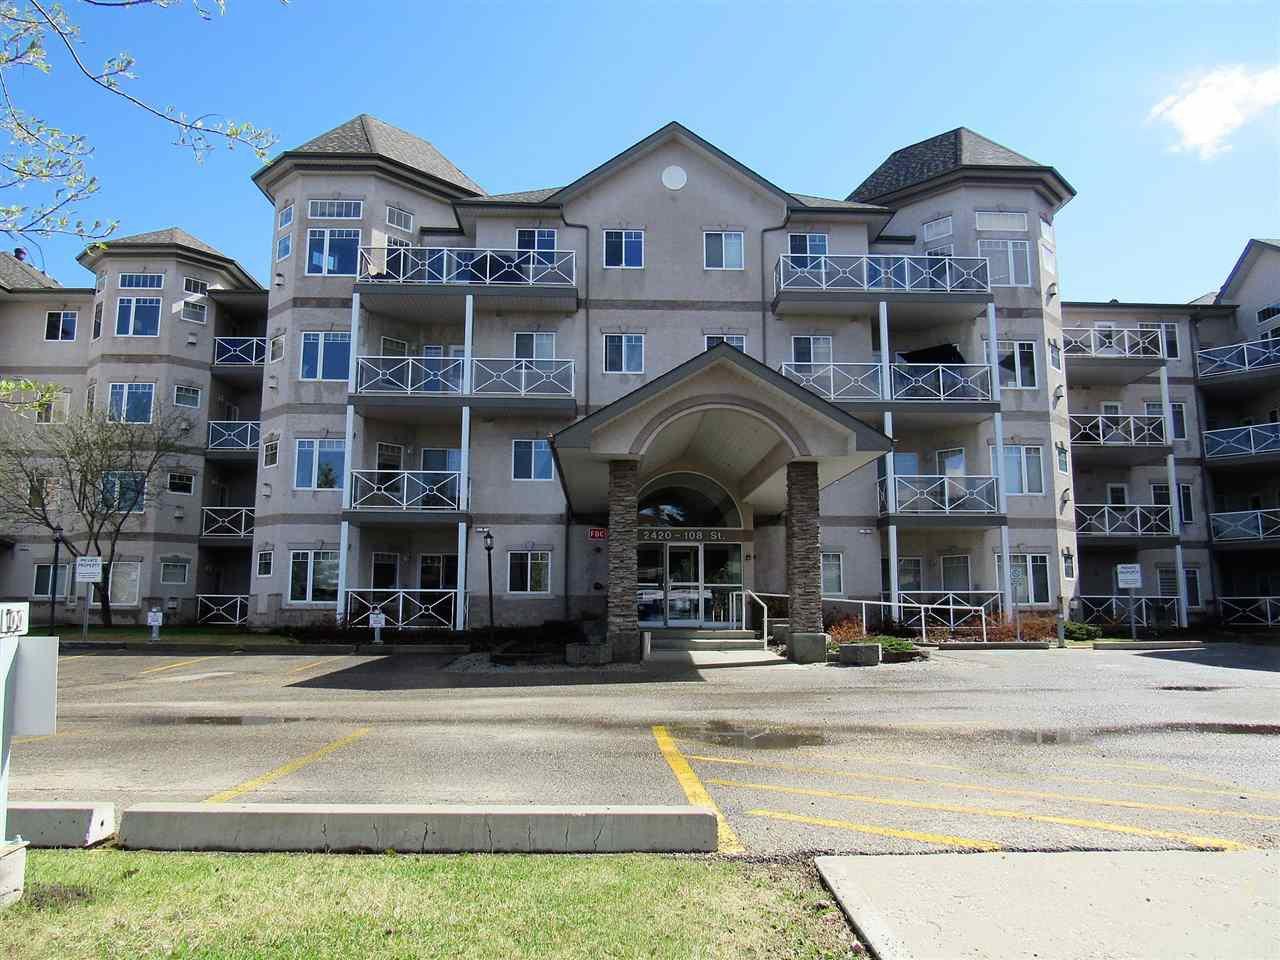 Main Photo: 303 2420 108 Street in Edmonton: Zone 16 Condo for sale : MLS®# E4212815